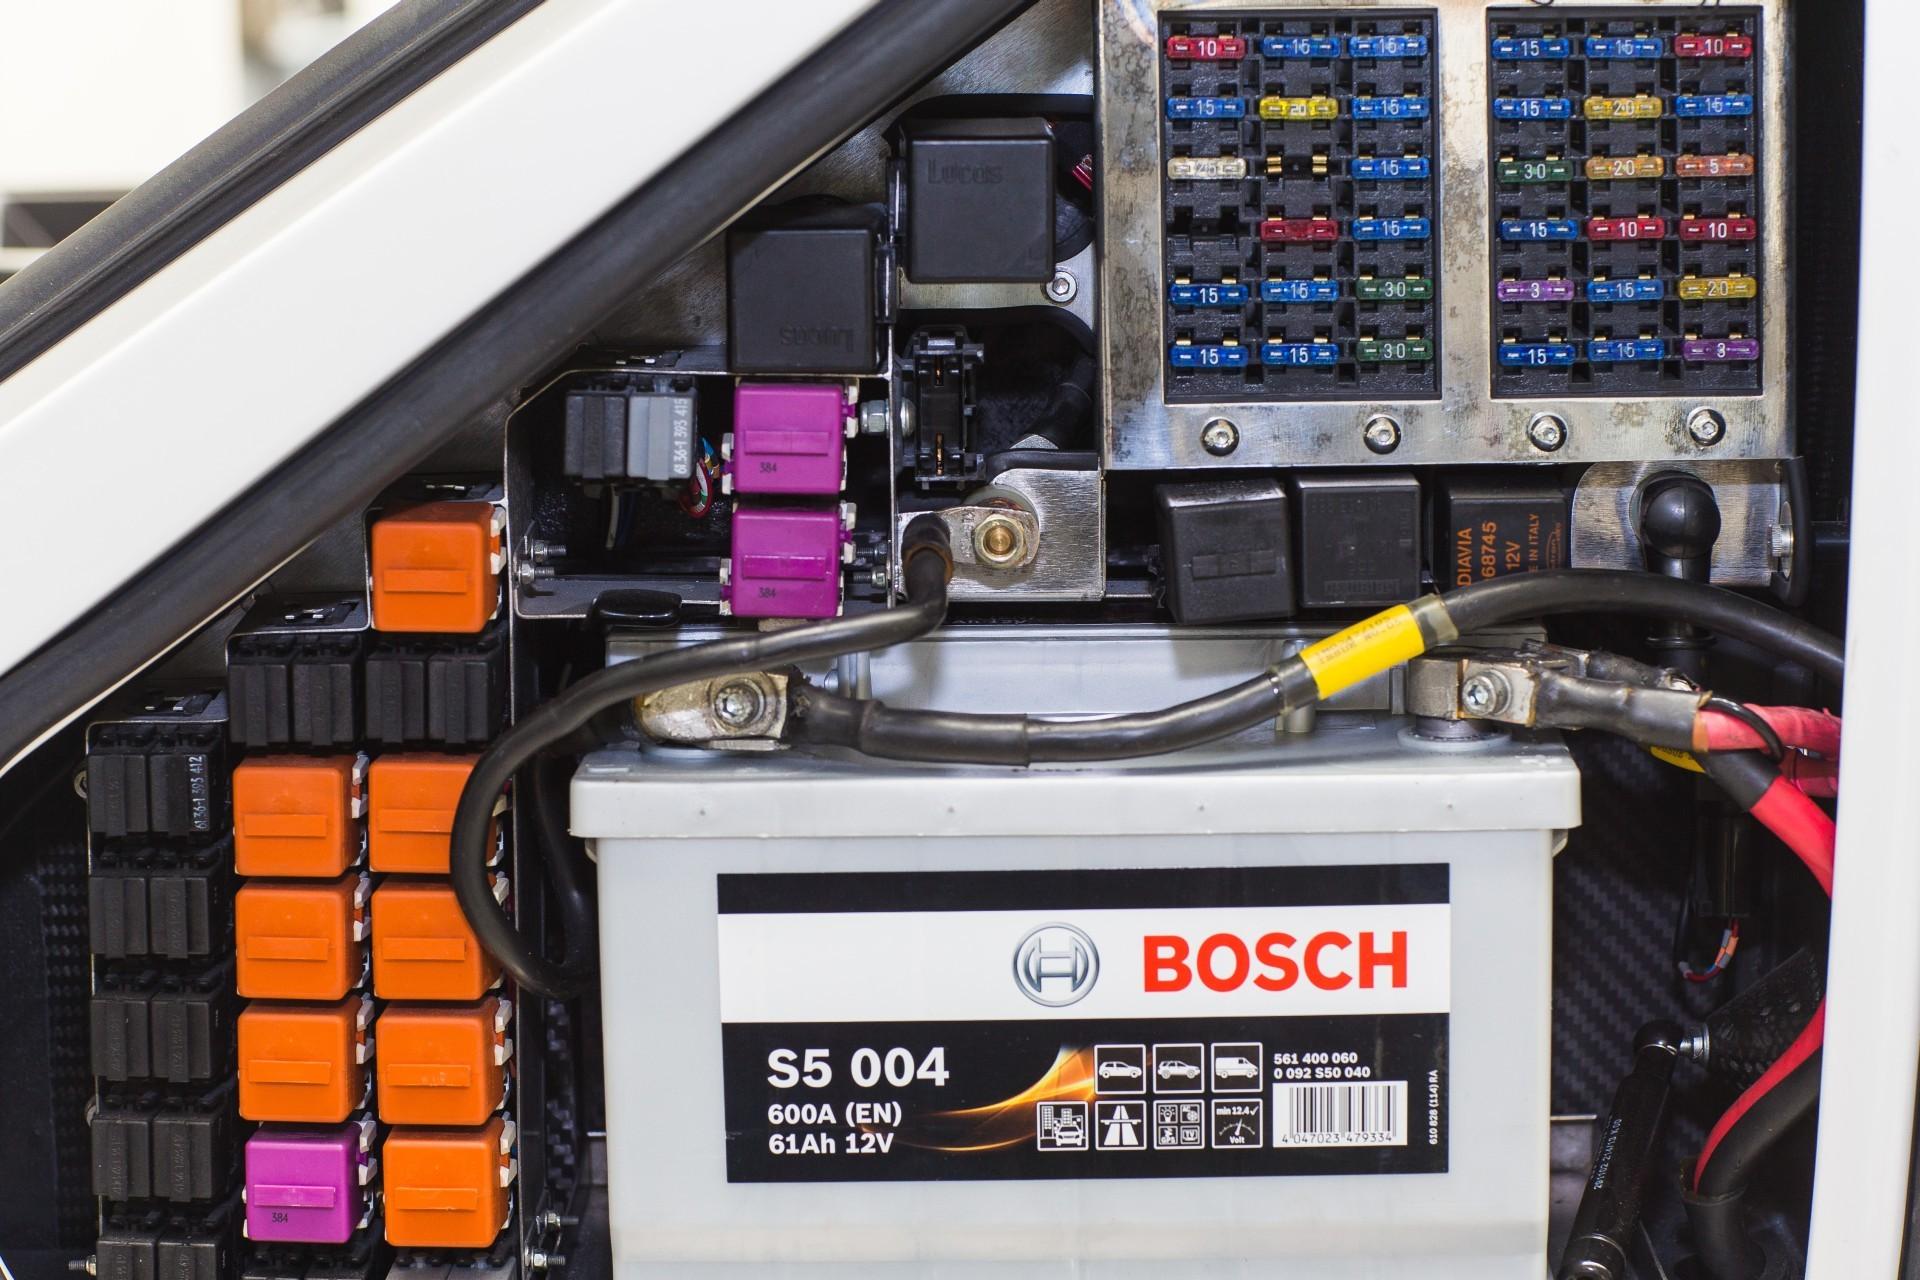 Древний ноутбук Compaq — единственный ключ к суперкару McLaren F1 - 5